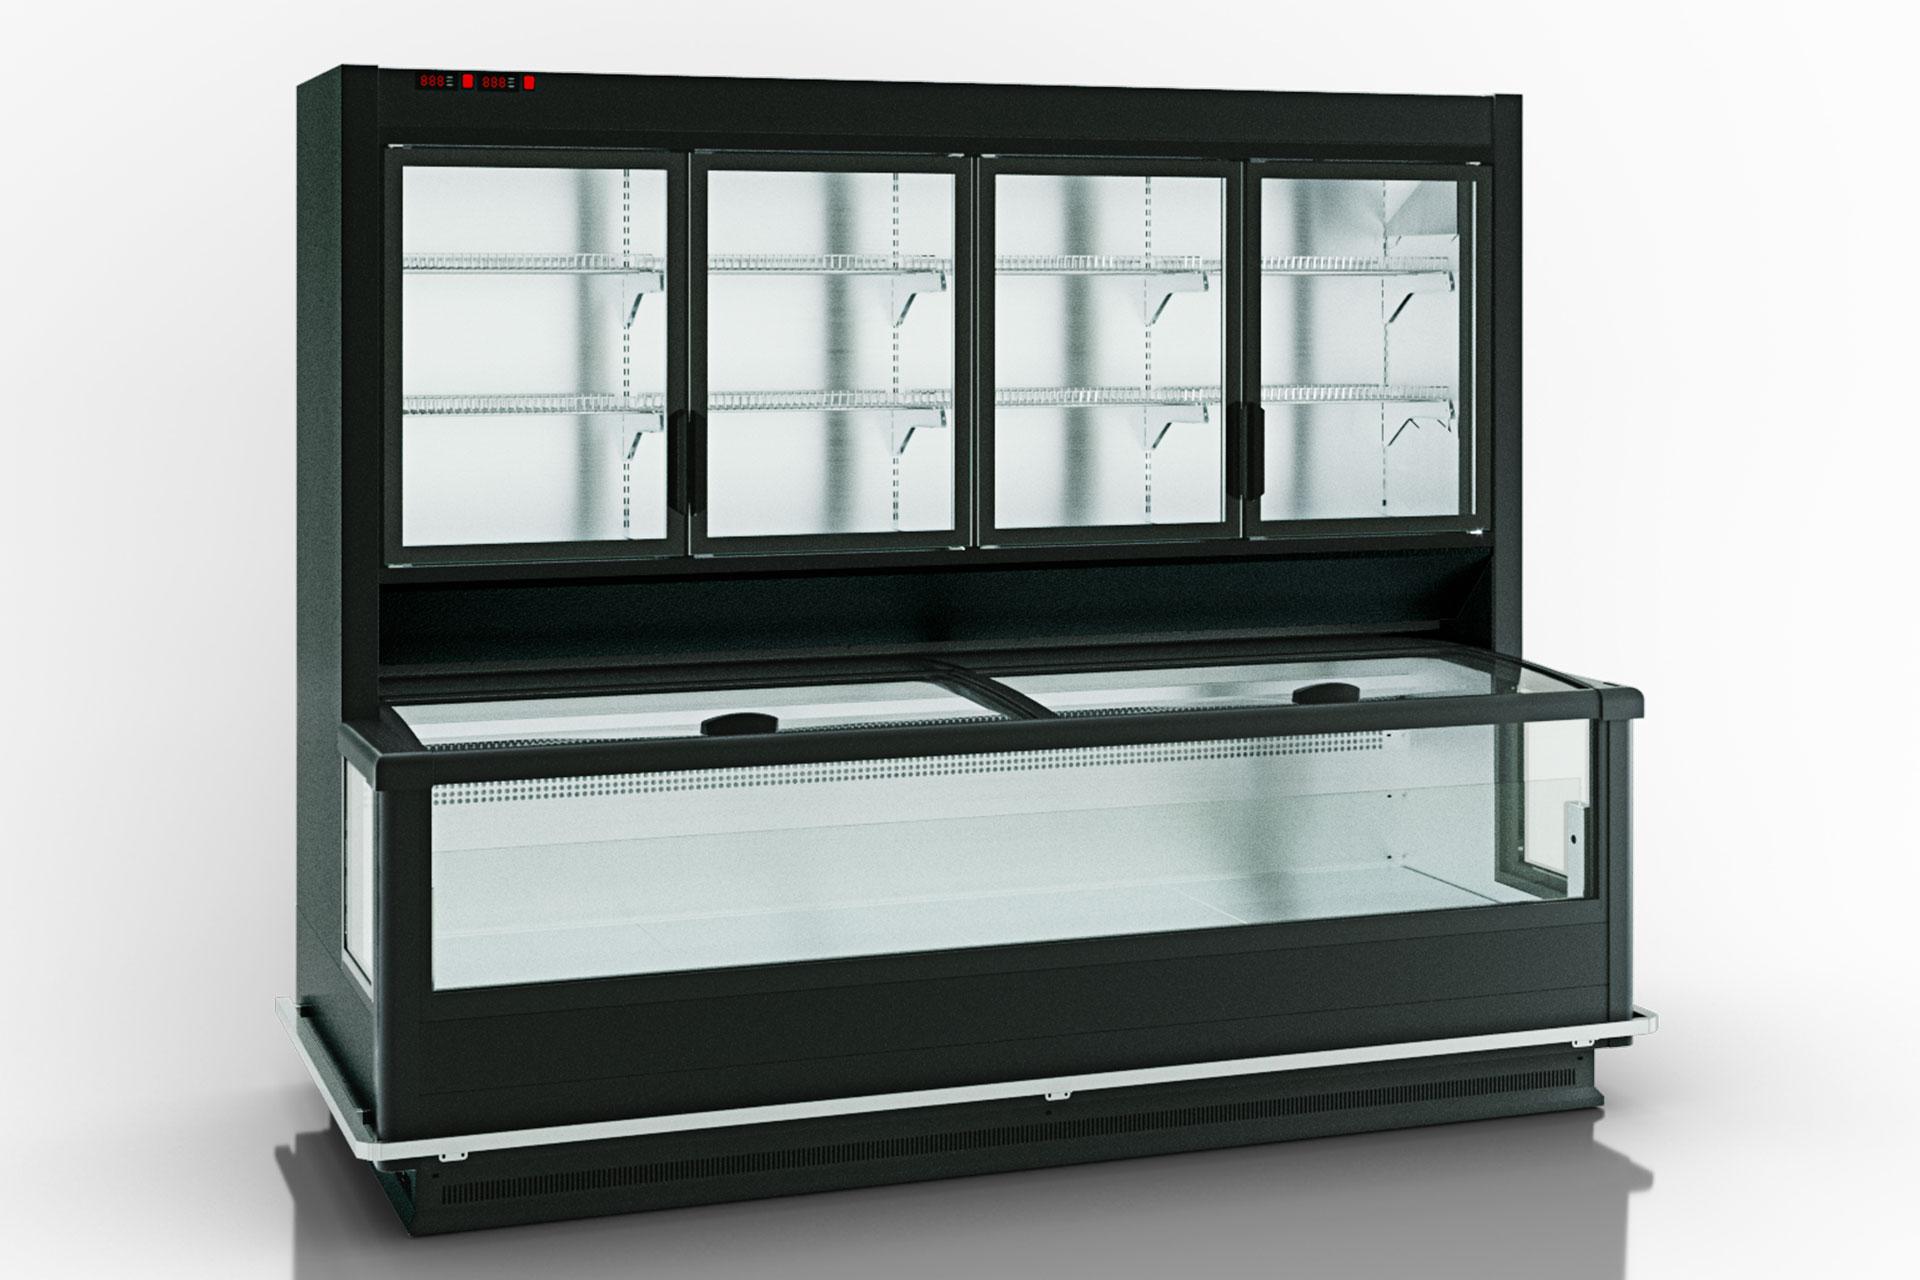 Витрина для замороженных продуктов Alaska combi 2 SD MHV 110 LT D/C 220-DLM